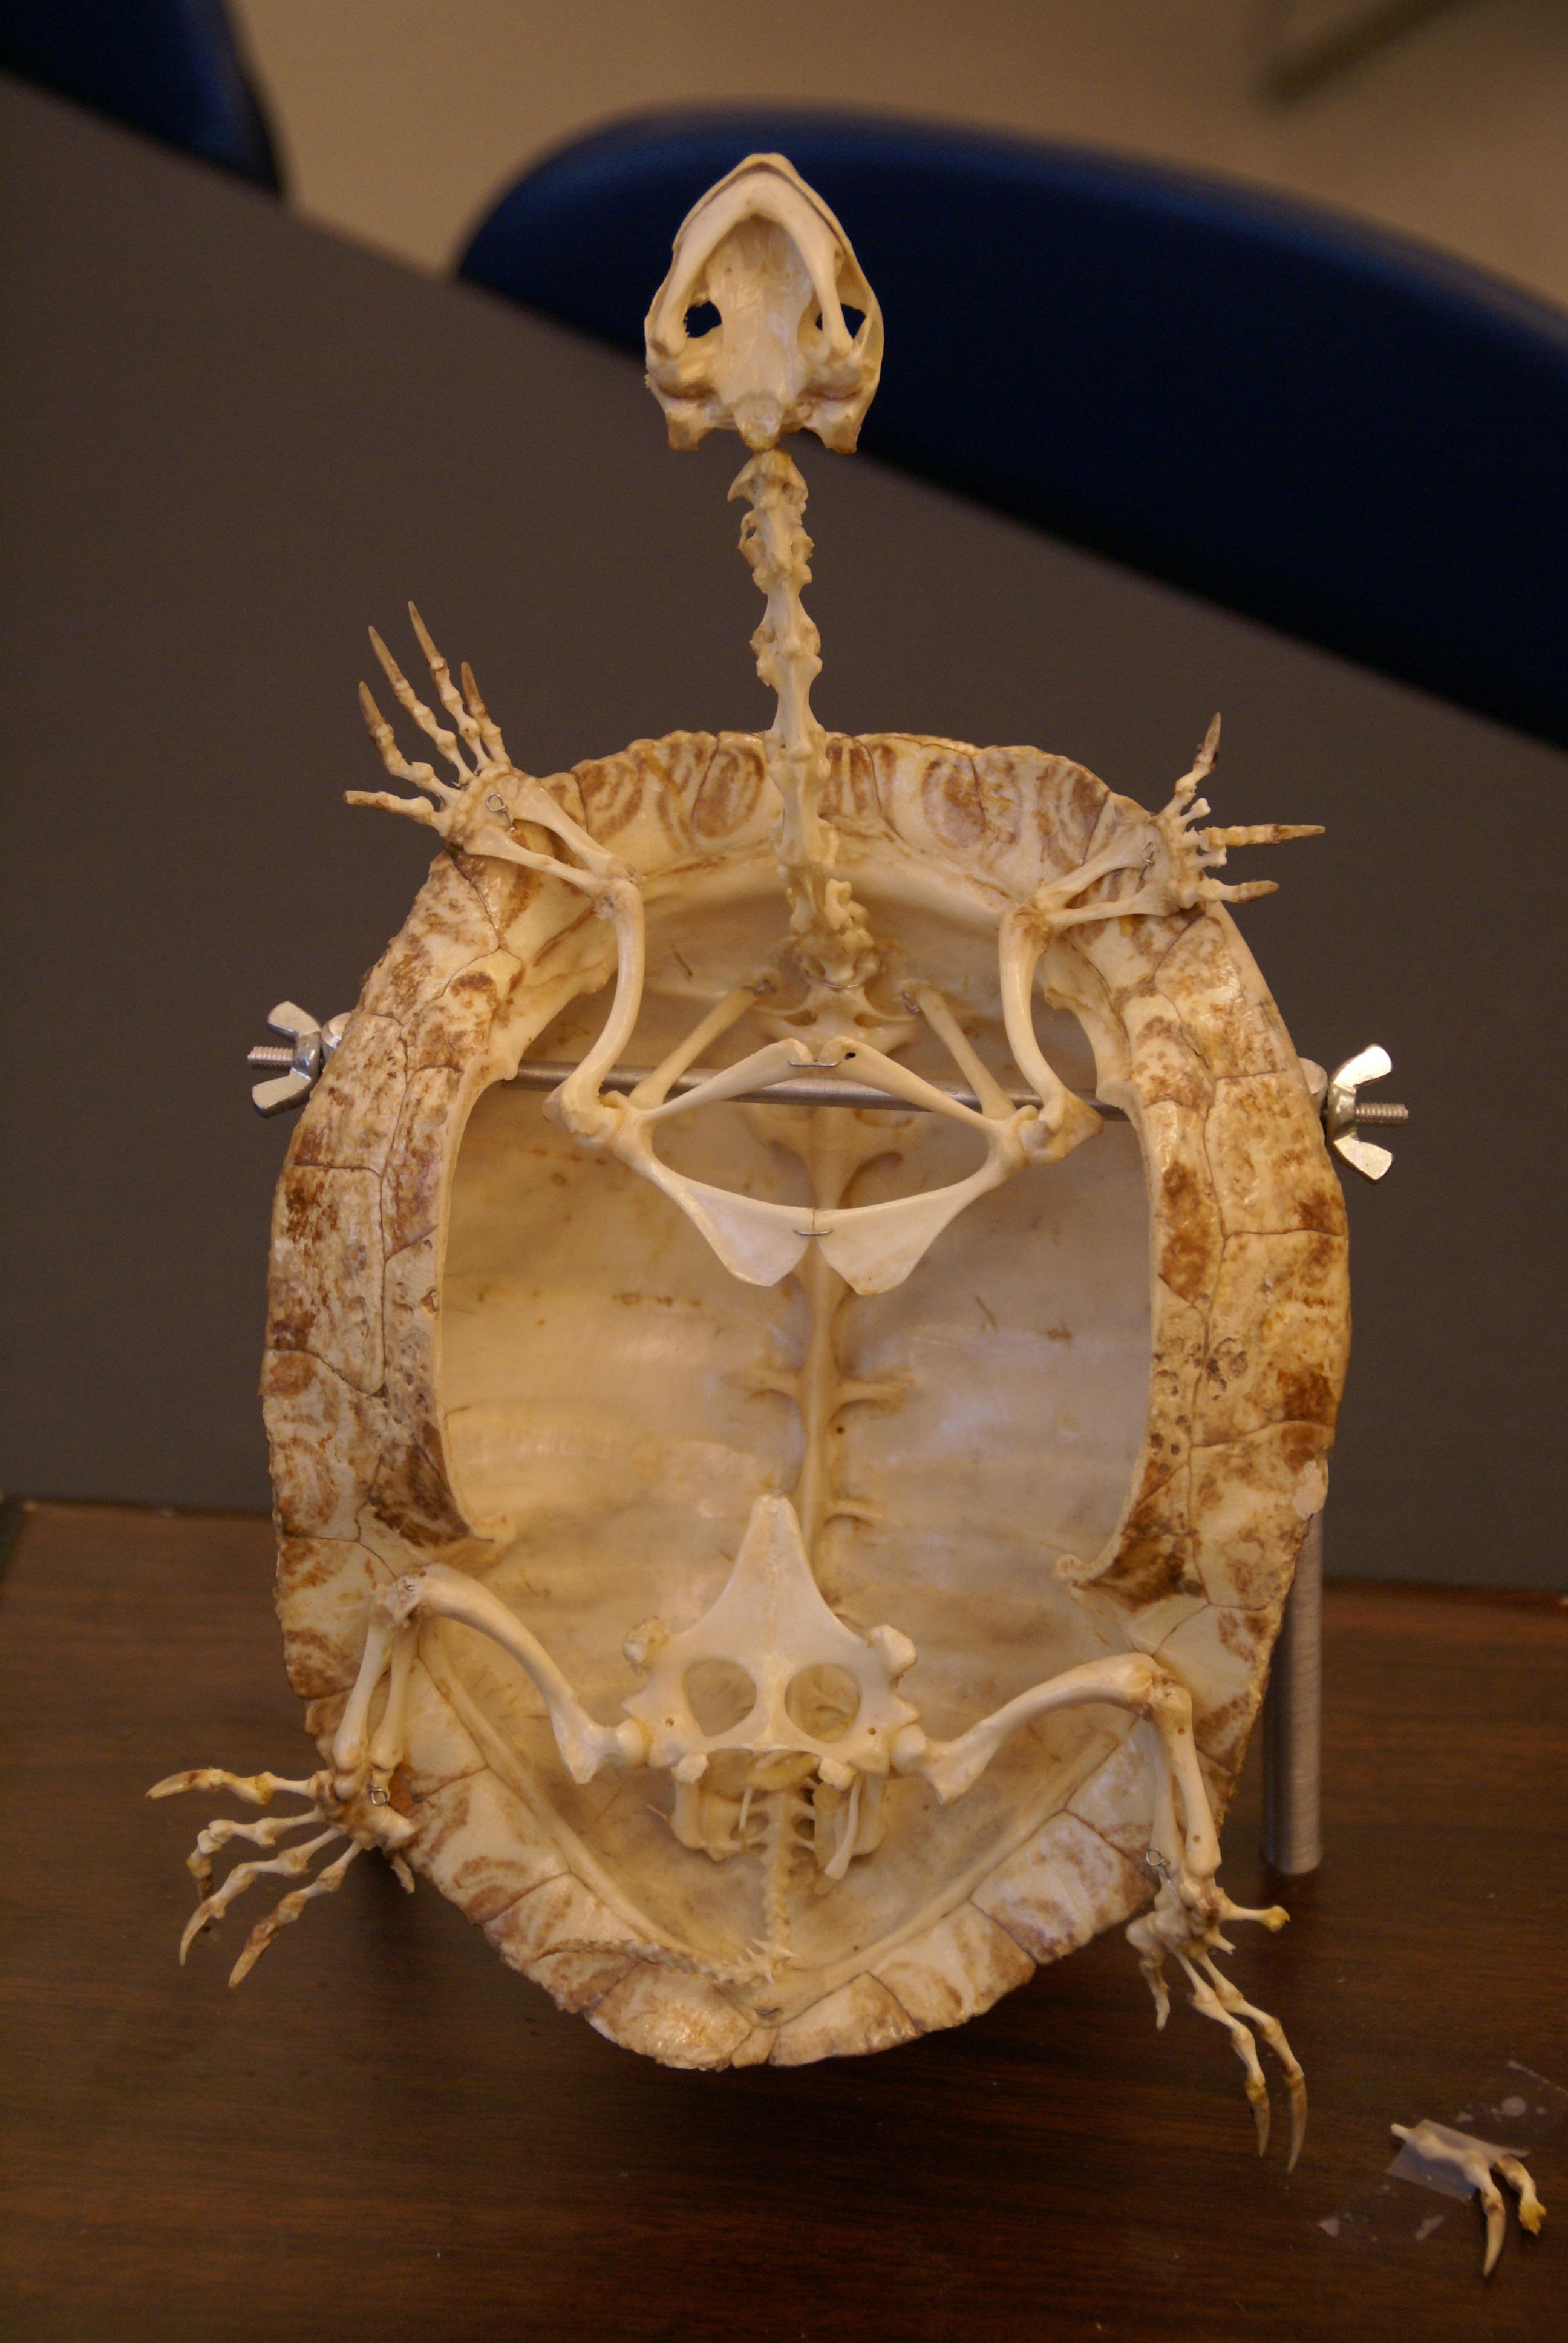 Fotos gratis : animal, macro, biología, Tortuga, reptil, iluminación ...